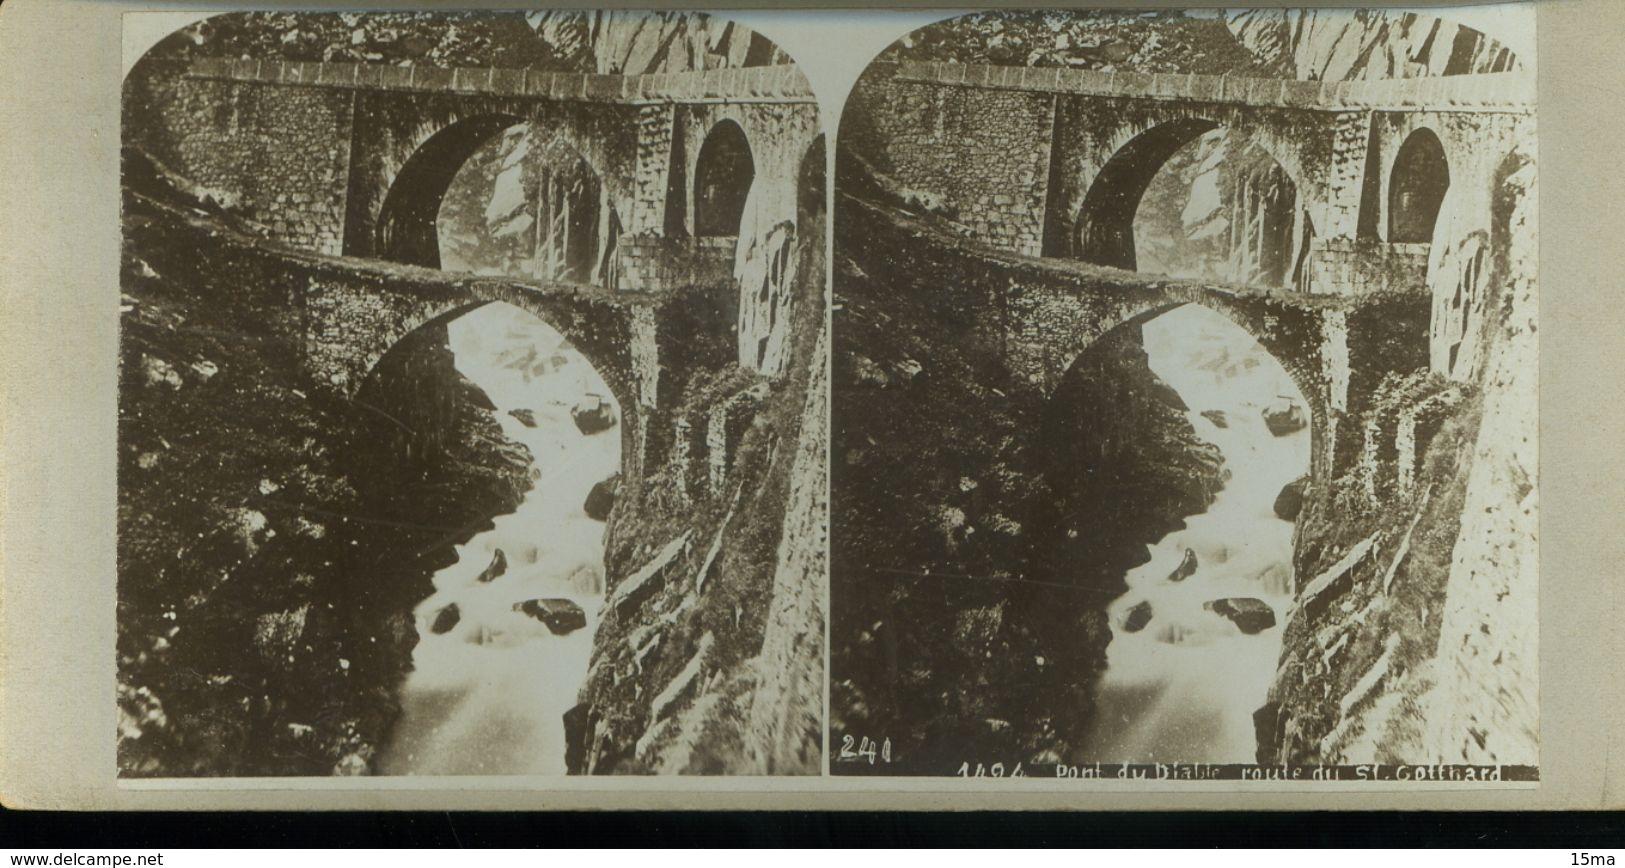 Suisse Pont Du Diable Route Du St Gothard Tempelsbruck Photographie Stéréoscopique Photo Stéréo XIXe Collée Sur Carton - Stereoscopic